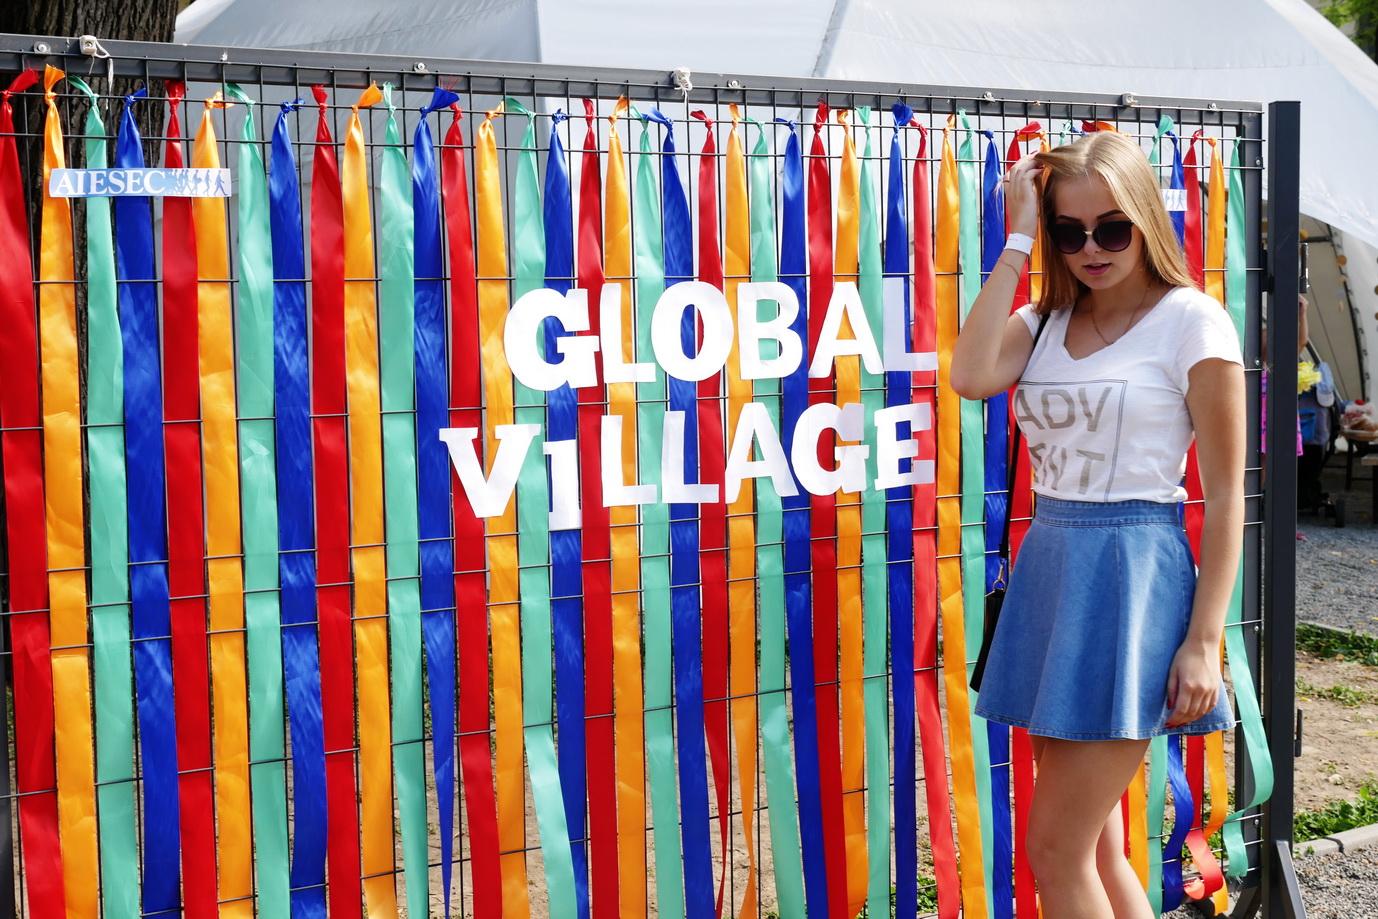 У Франківську на фестивалі Global Village 9 країн презентують свою культуру 28